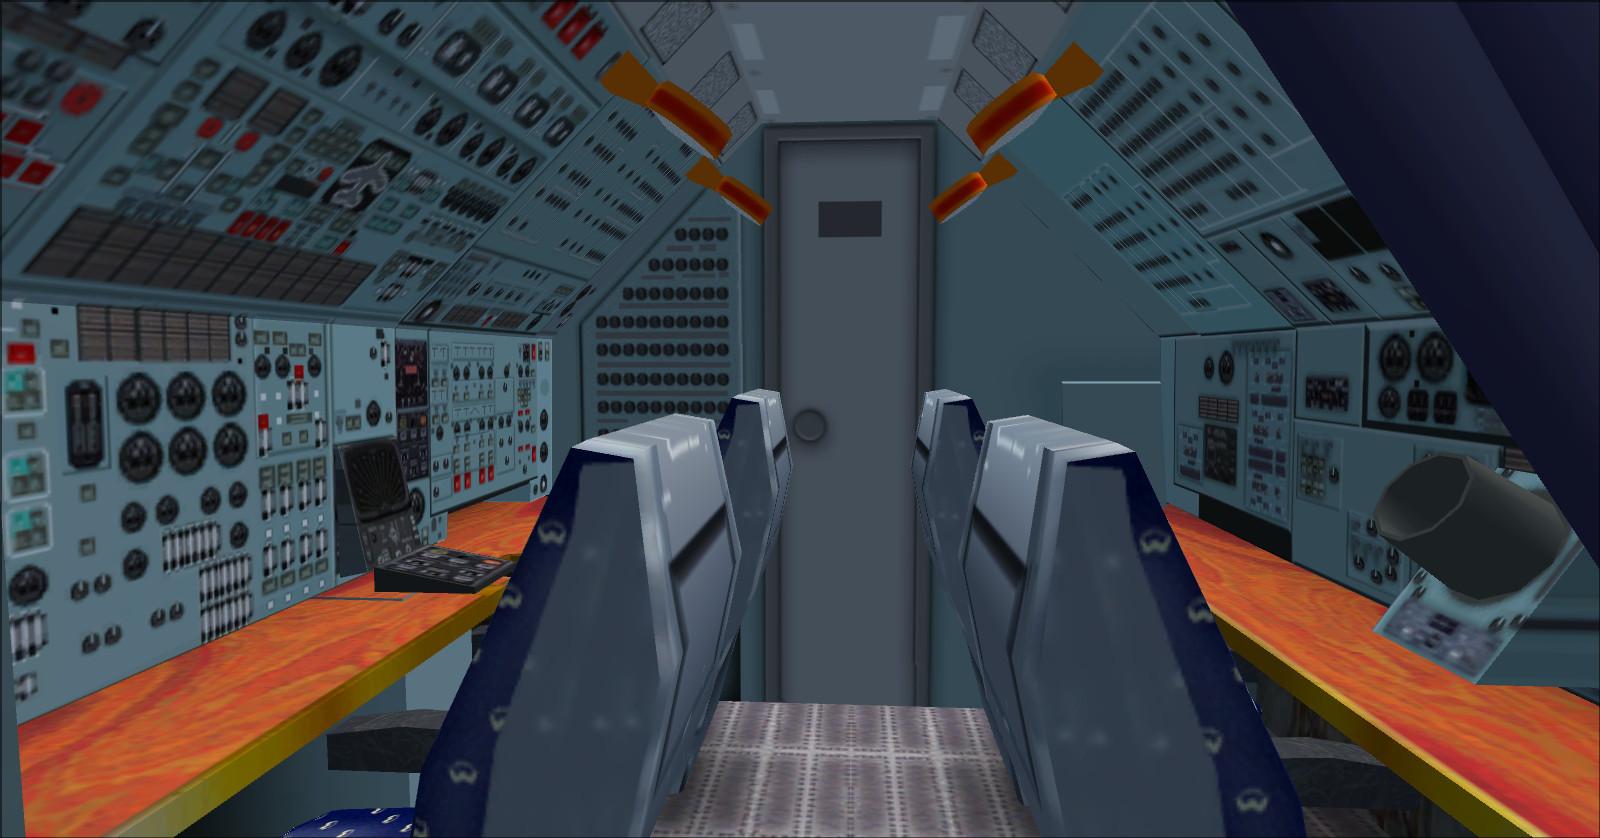 Antonov An-225 interjeras